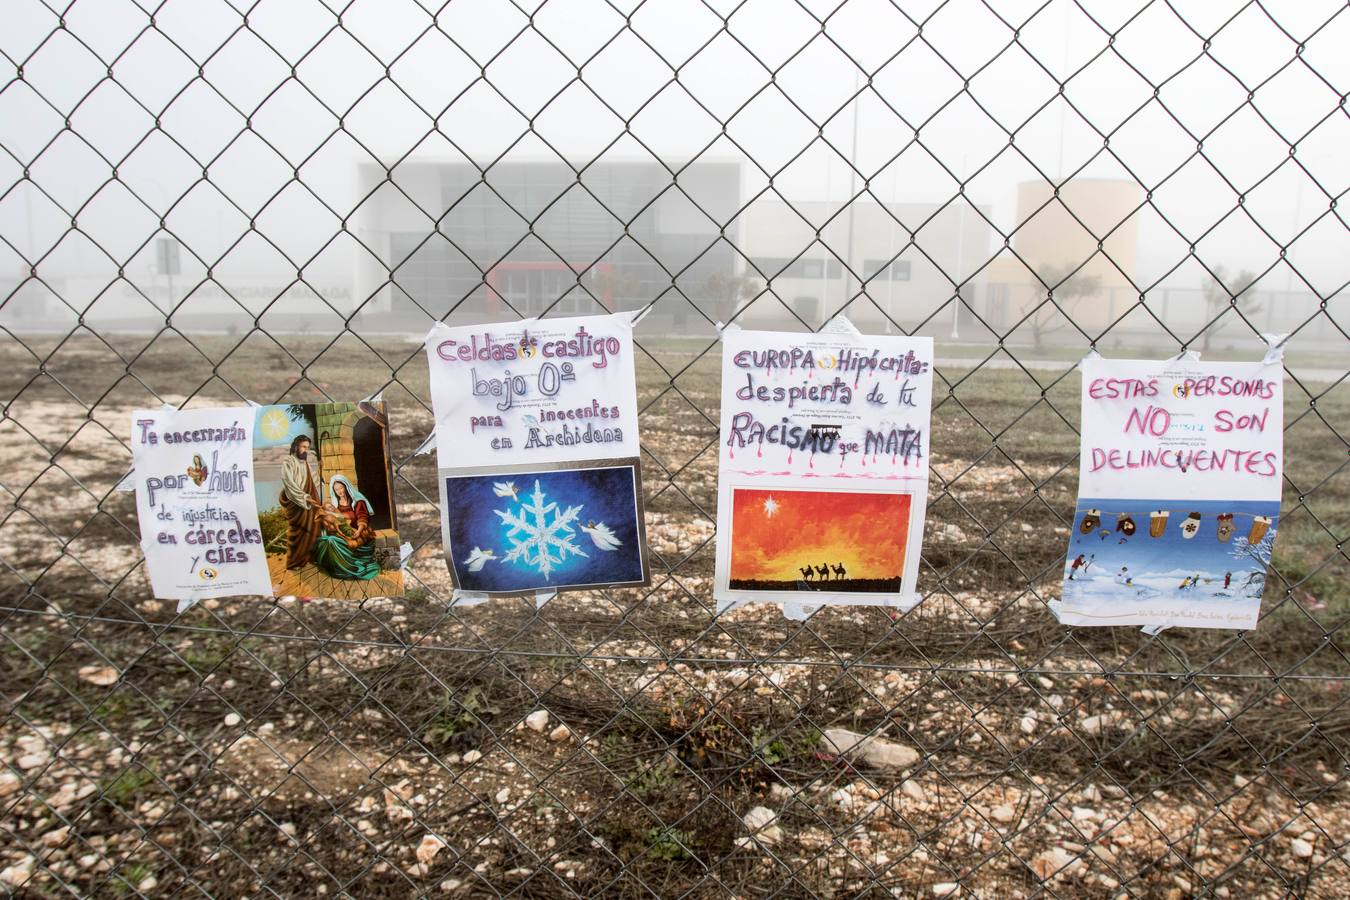 Piden ante la cárcel de Archidona la dimisión de Zoido por la muerte del inmigrante